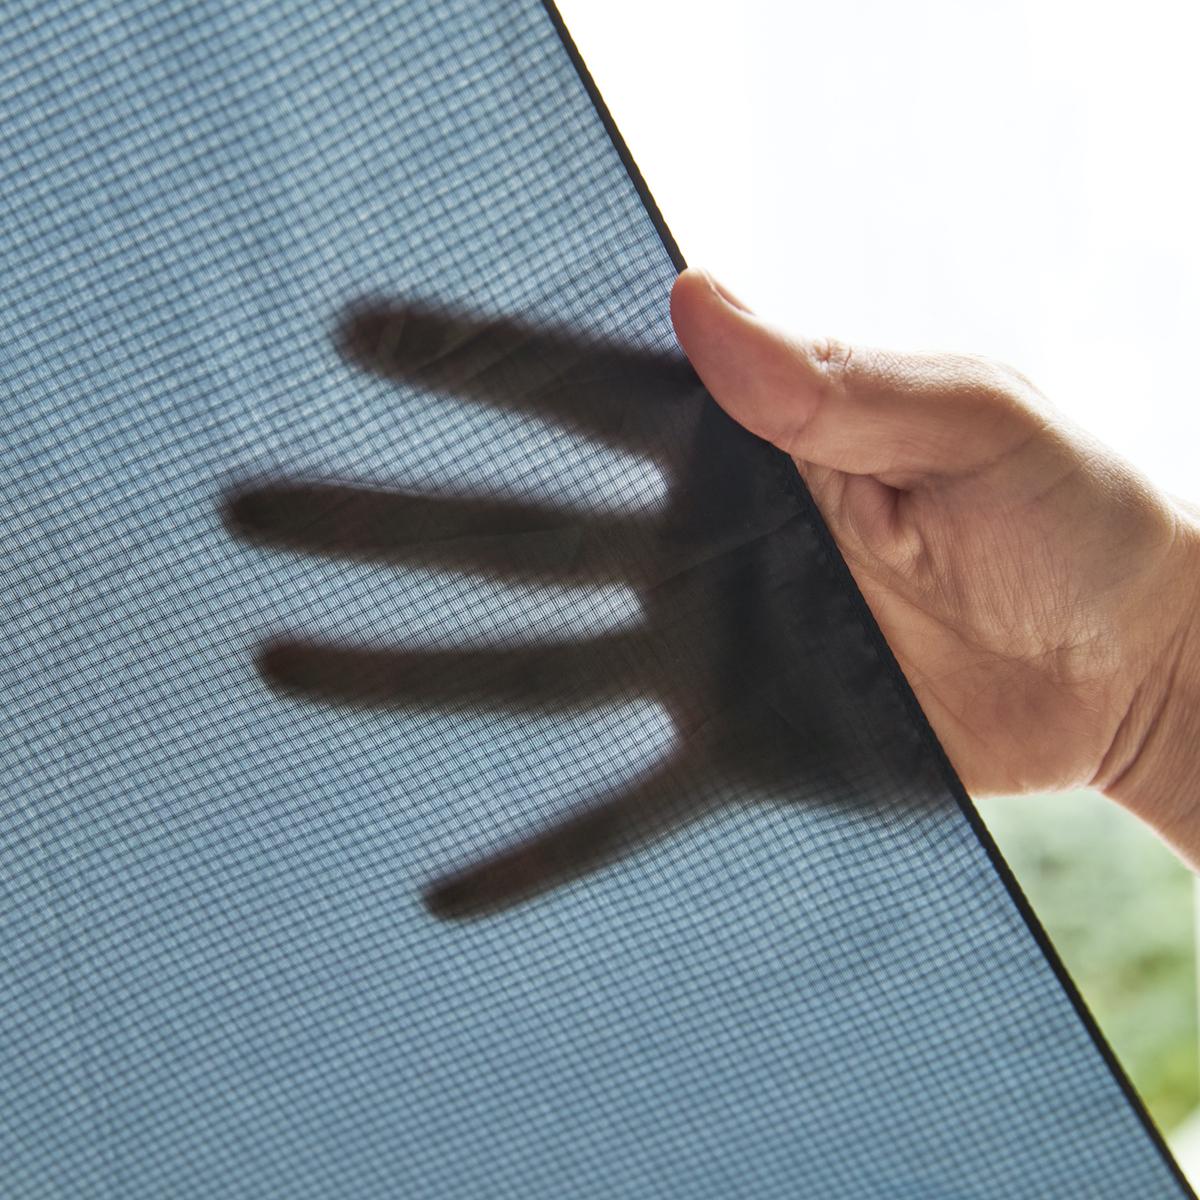 ① 極薄の傘生地|親指1本でカンタン開閉、なのに驚くほど軽い!風に強く、丈夫な構造の「ワンタッチ開閉式折りたたみ傘」|VERYKAL